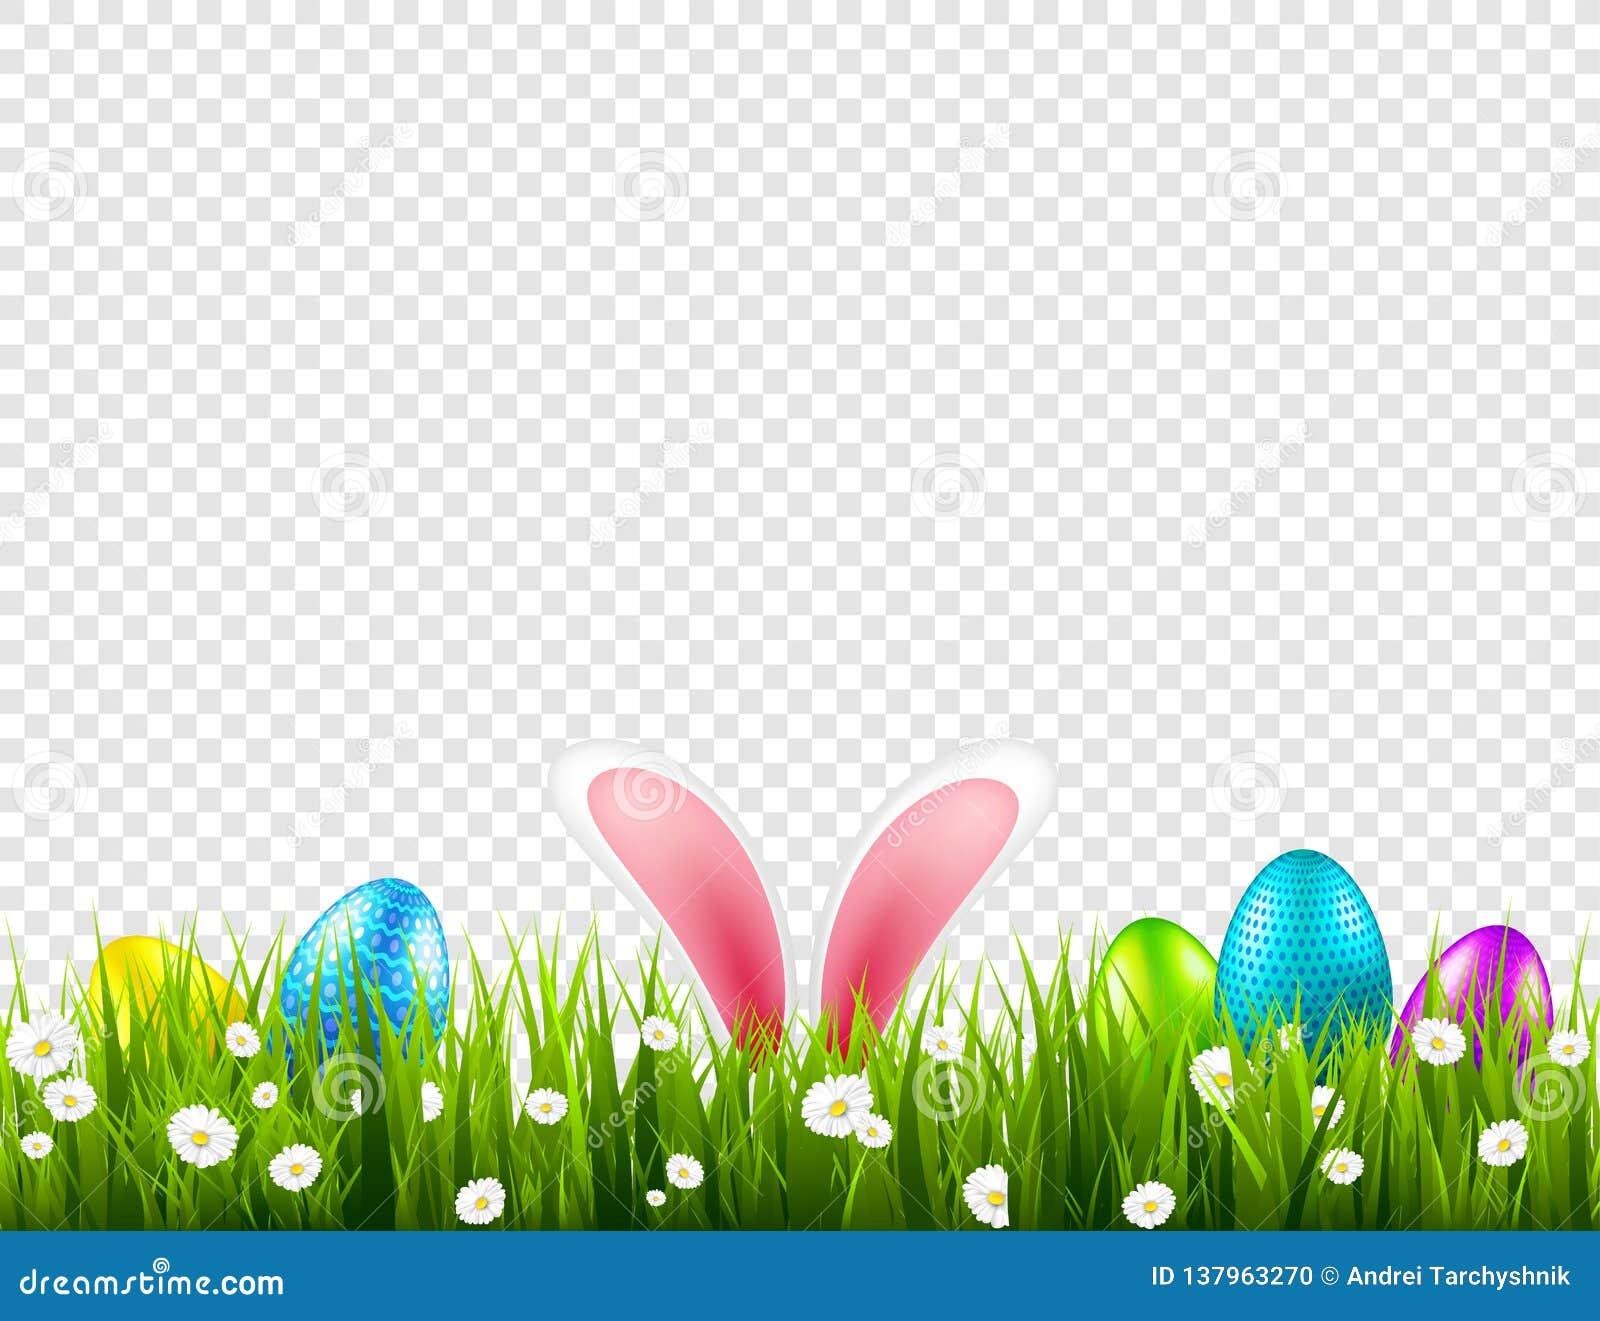 Huevos de Pascua en hierba con el sistema de los oídos de conejo de conejito Días de fiesta de la primavera en abril Celebración